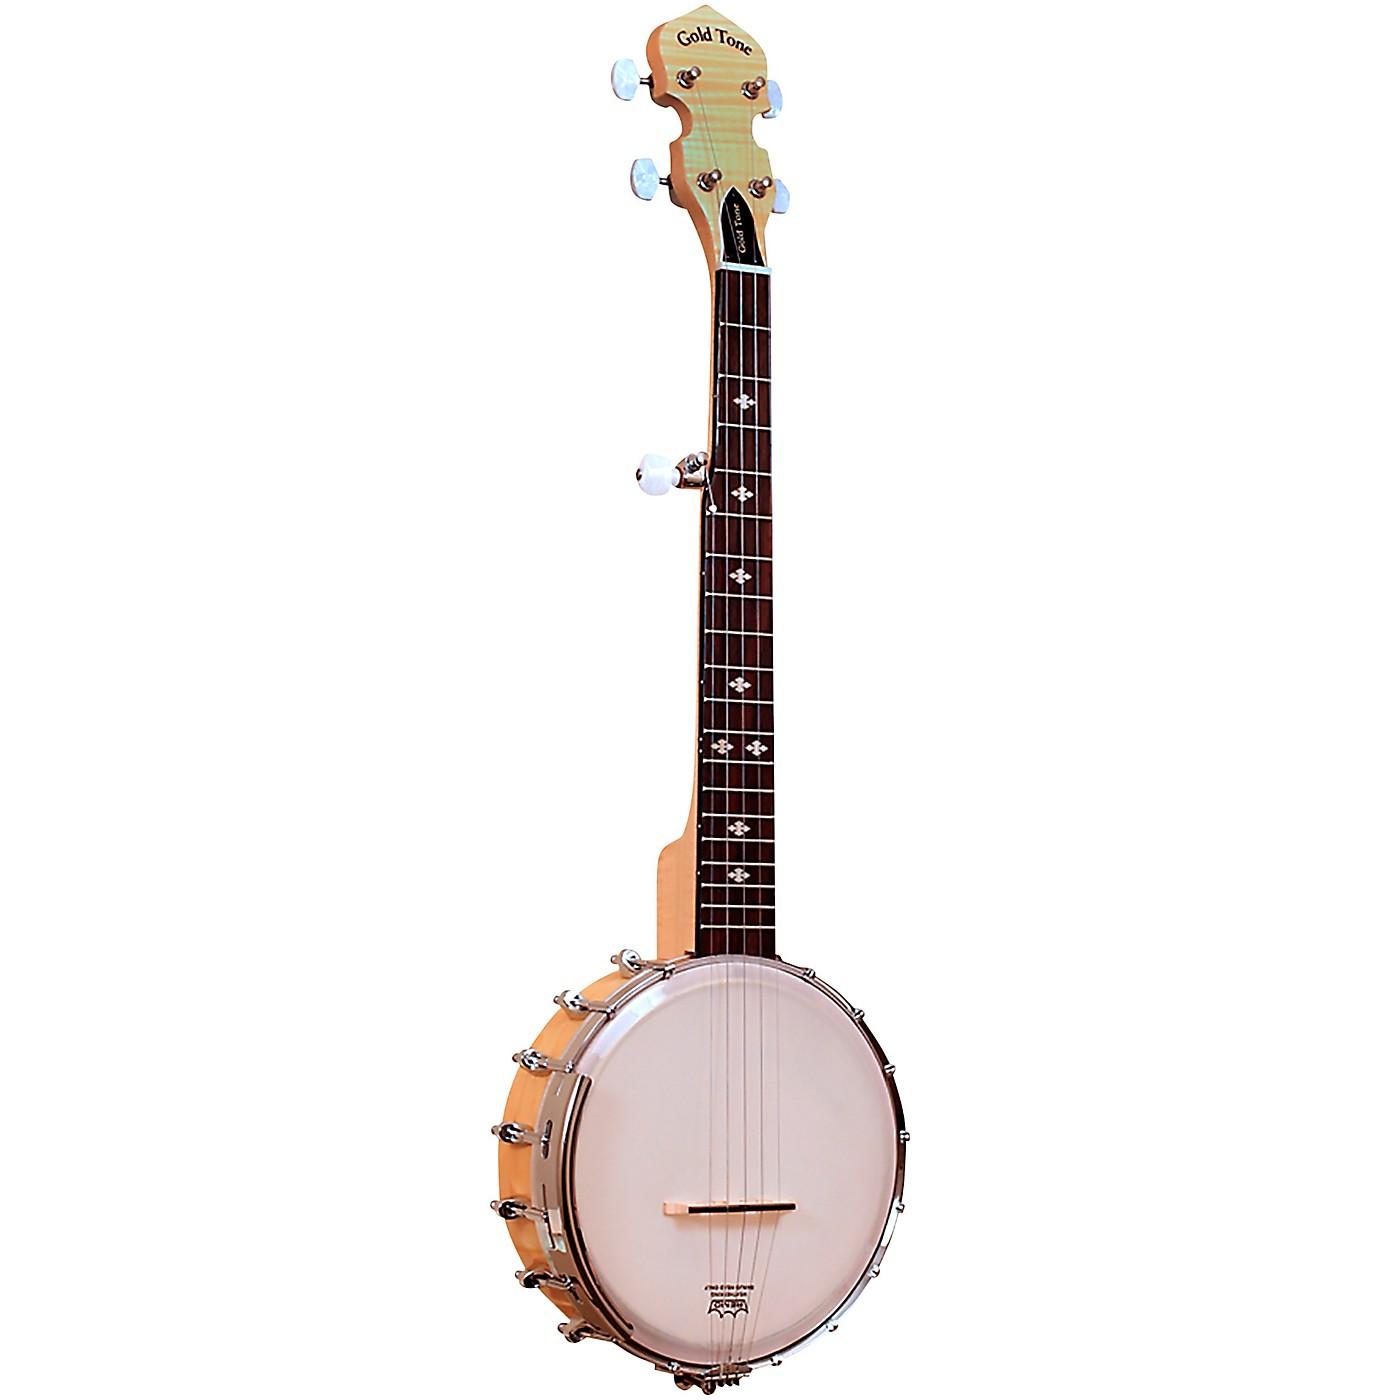 Gold Tone Cripple Creek Left-Handed Mini Banjo thumbnail